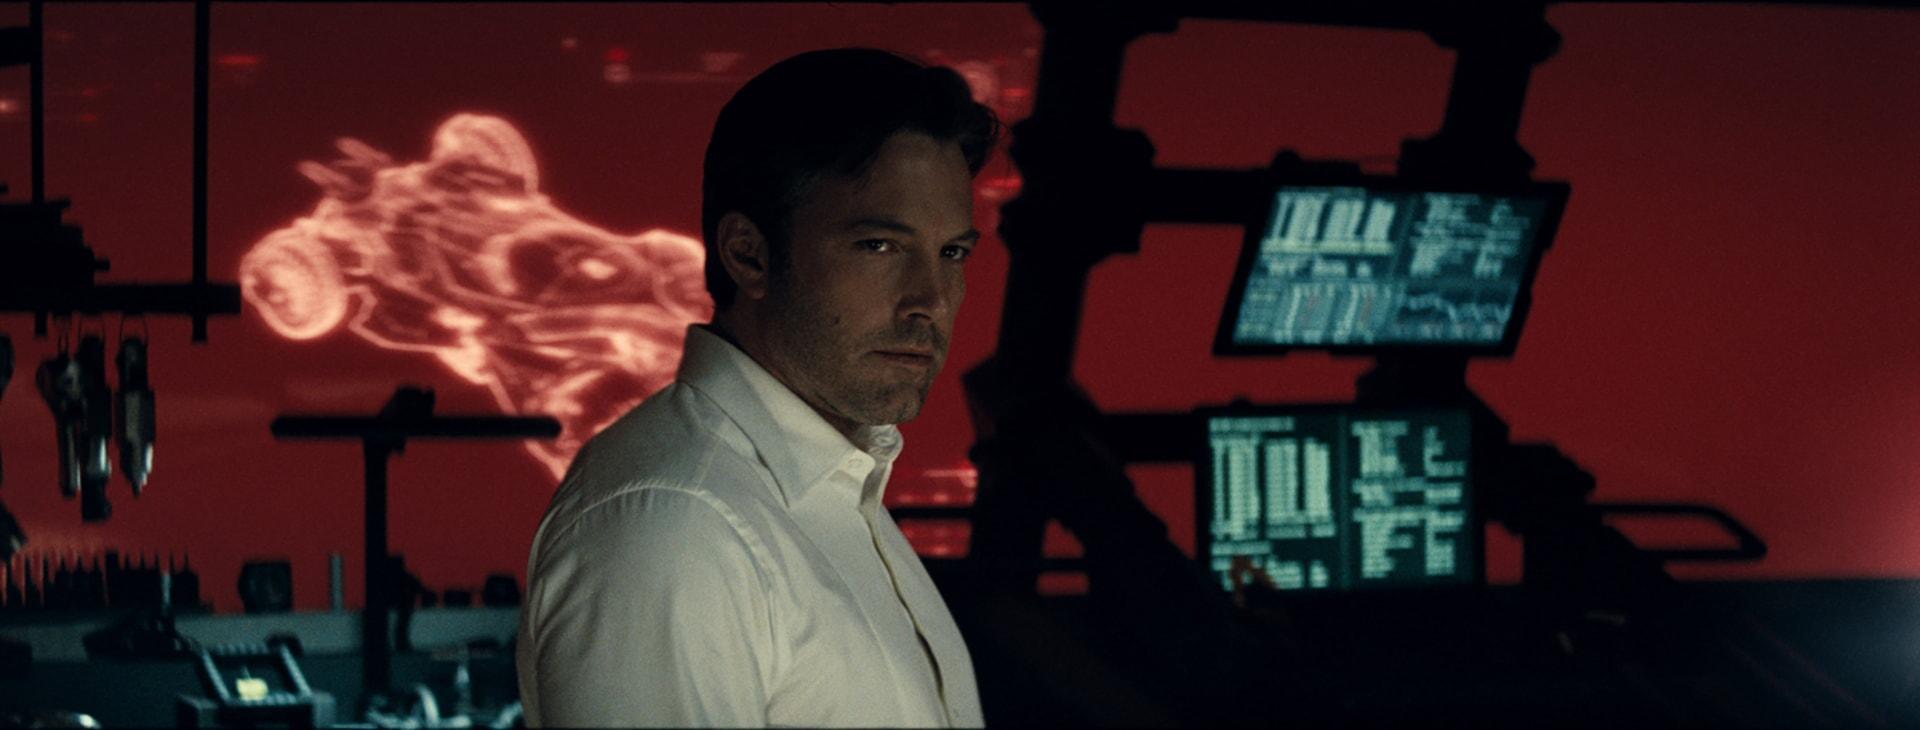 BEN AFFLECK as Bruce Wayne